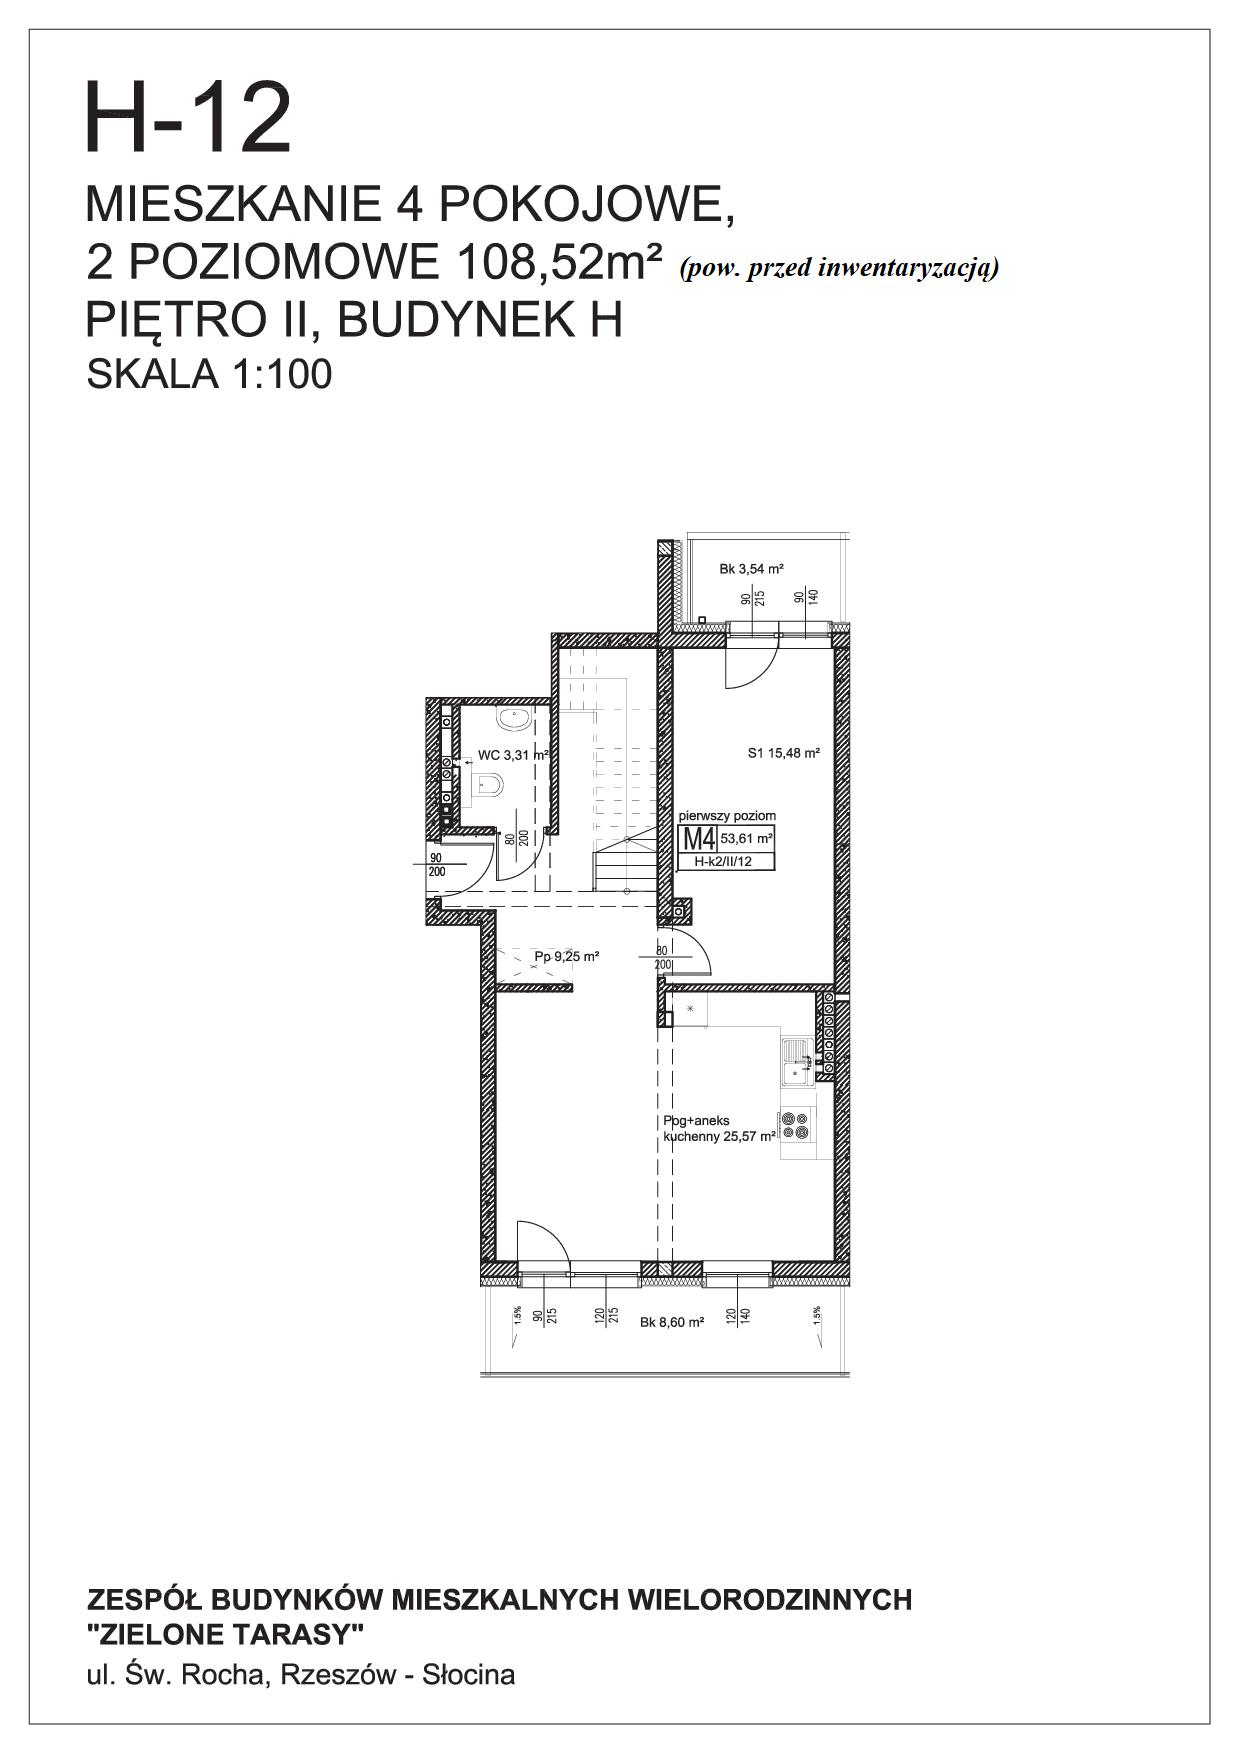 sprzedaż mieszkań rzeszów - H-12